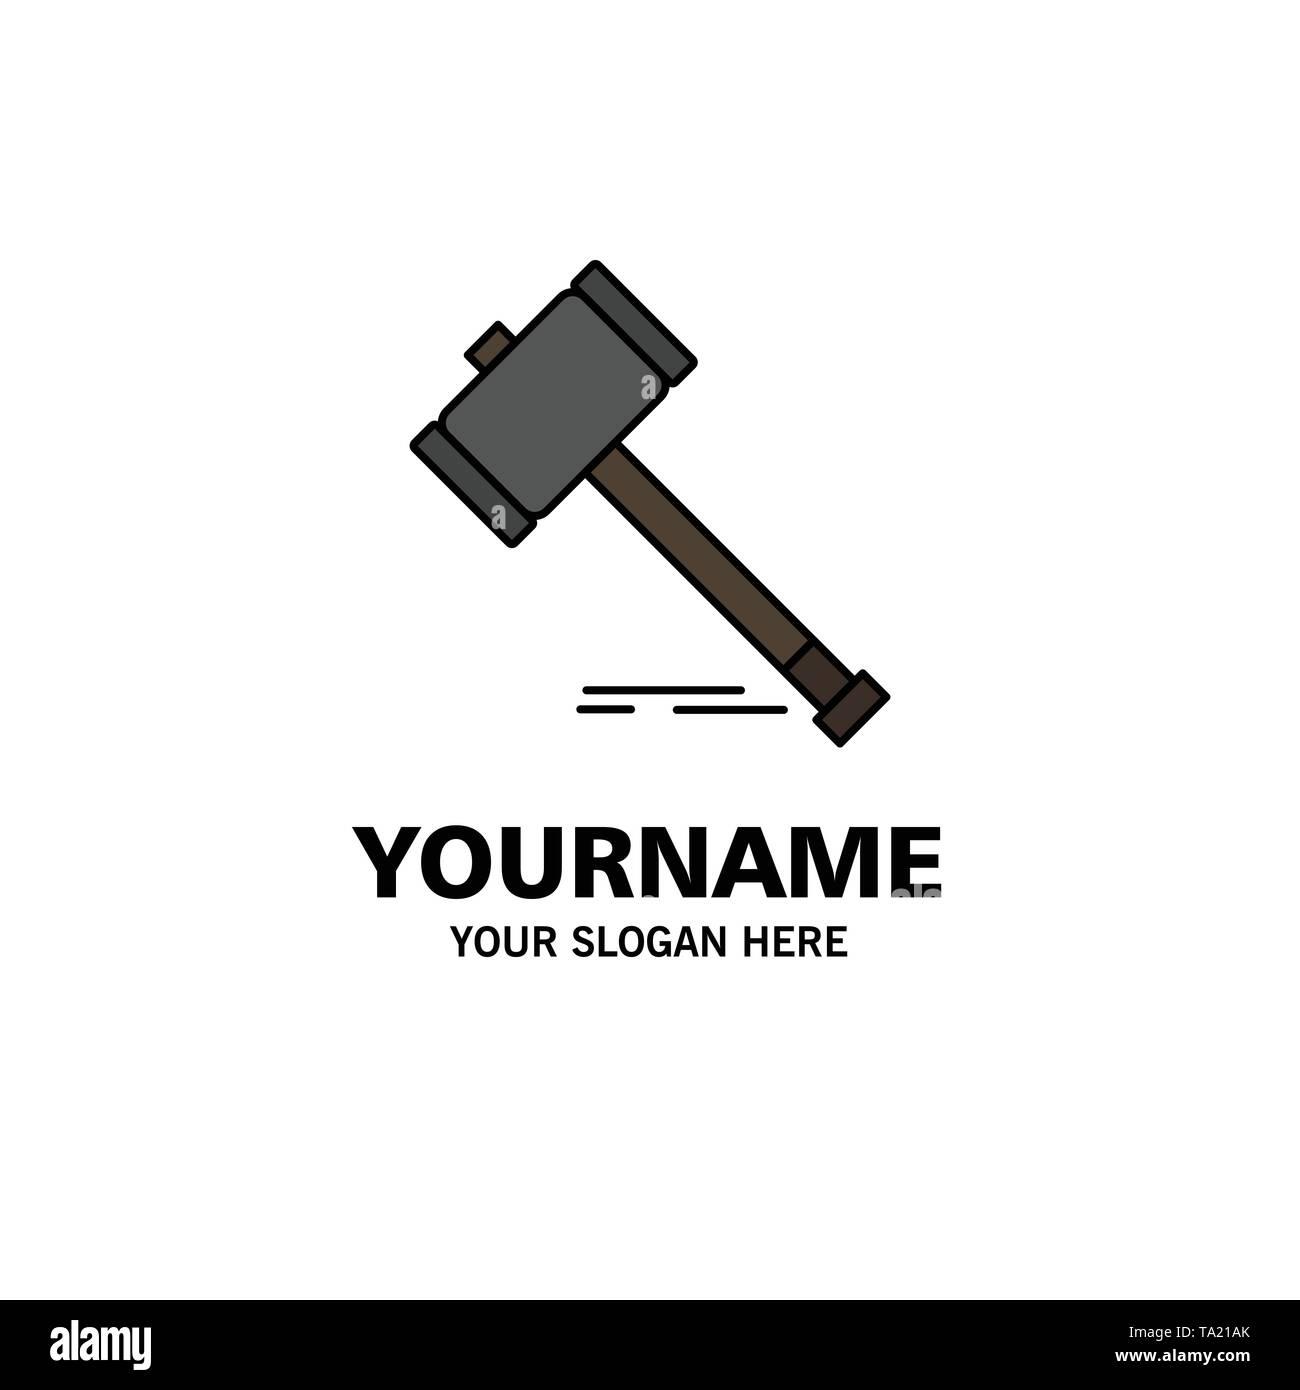 Aktion, Auktion, Gericht, Hammer, Hammer, Recht, Legal Business Logo Vorlage. Flachen Farbe Stockbild